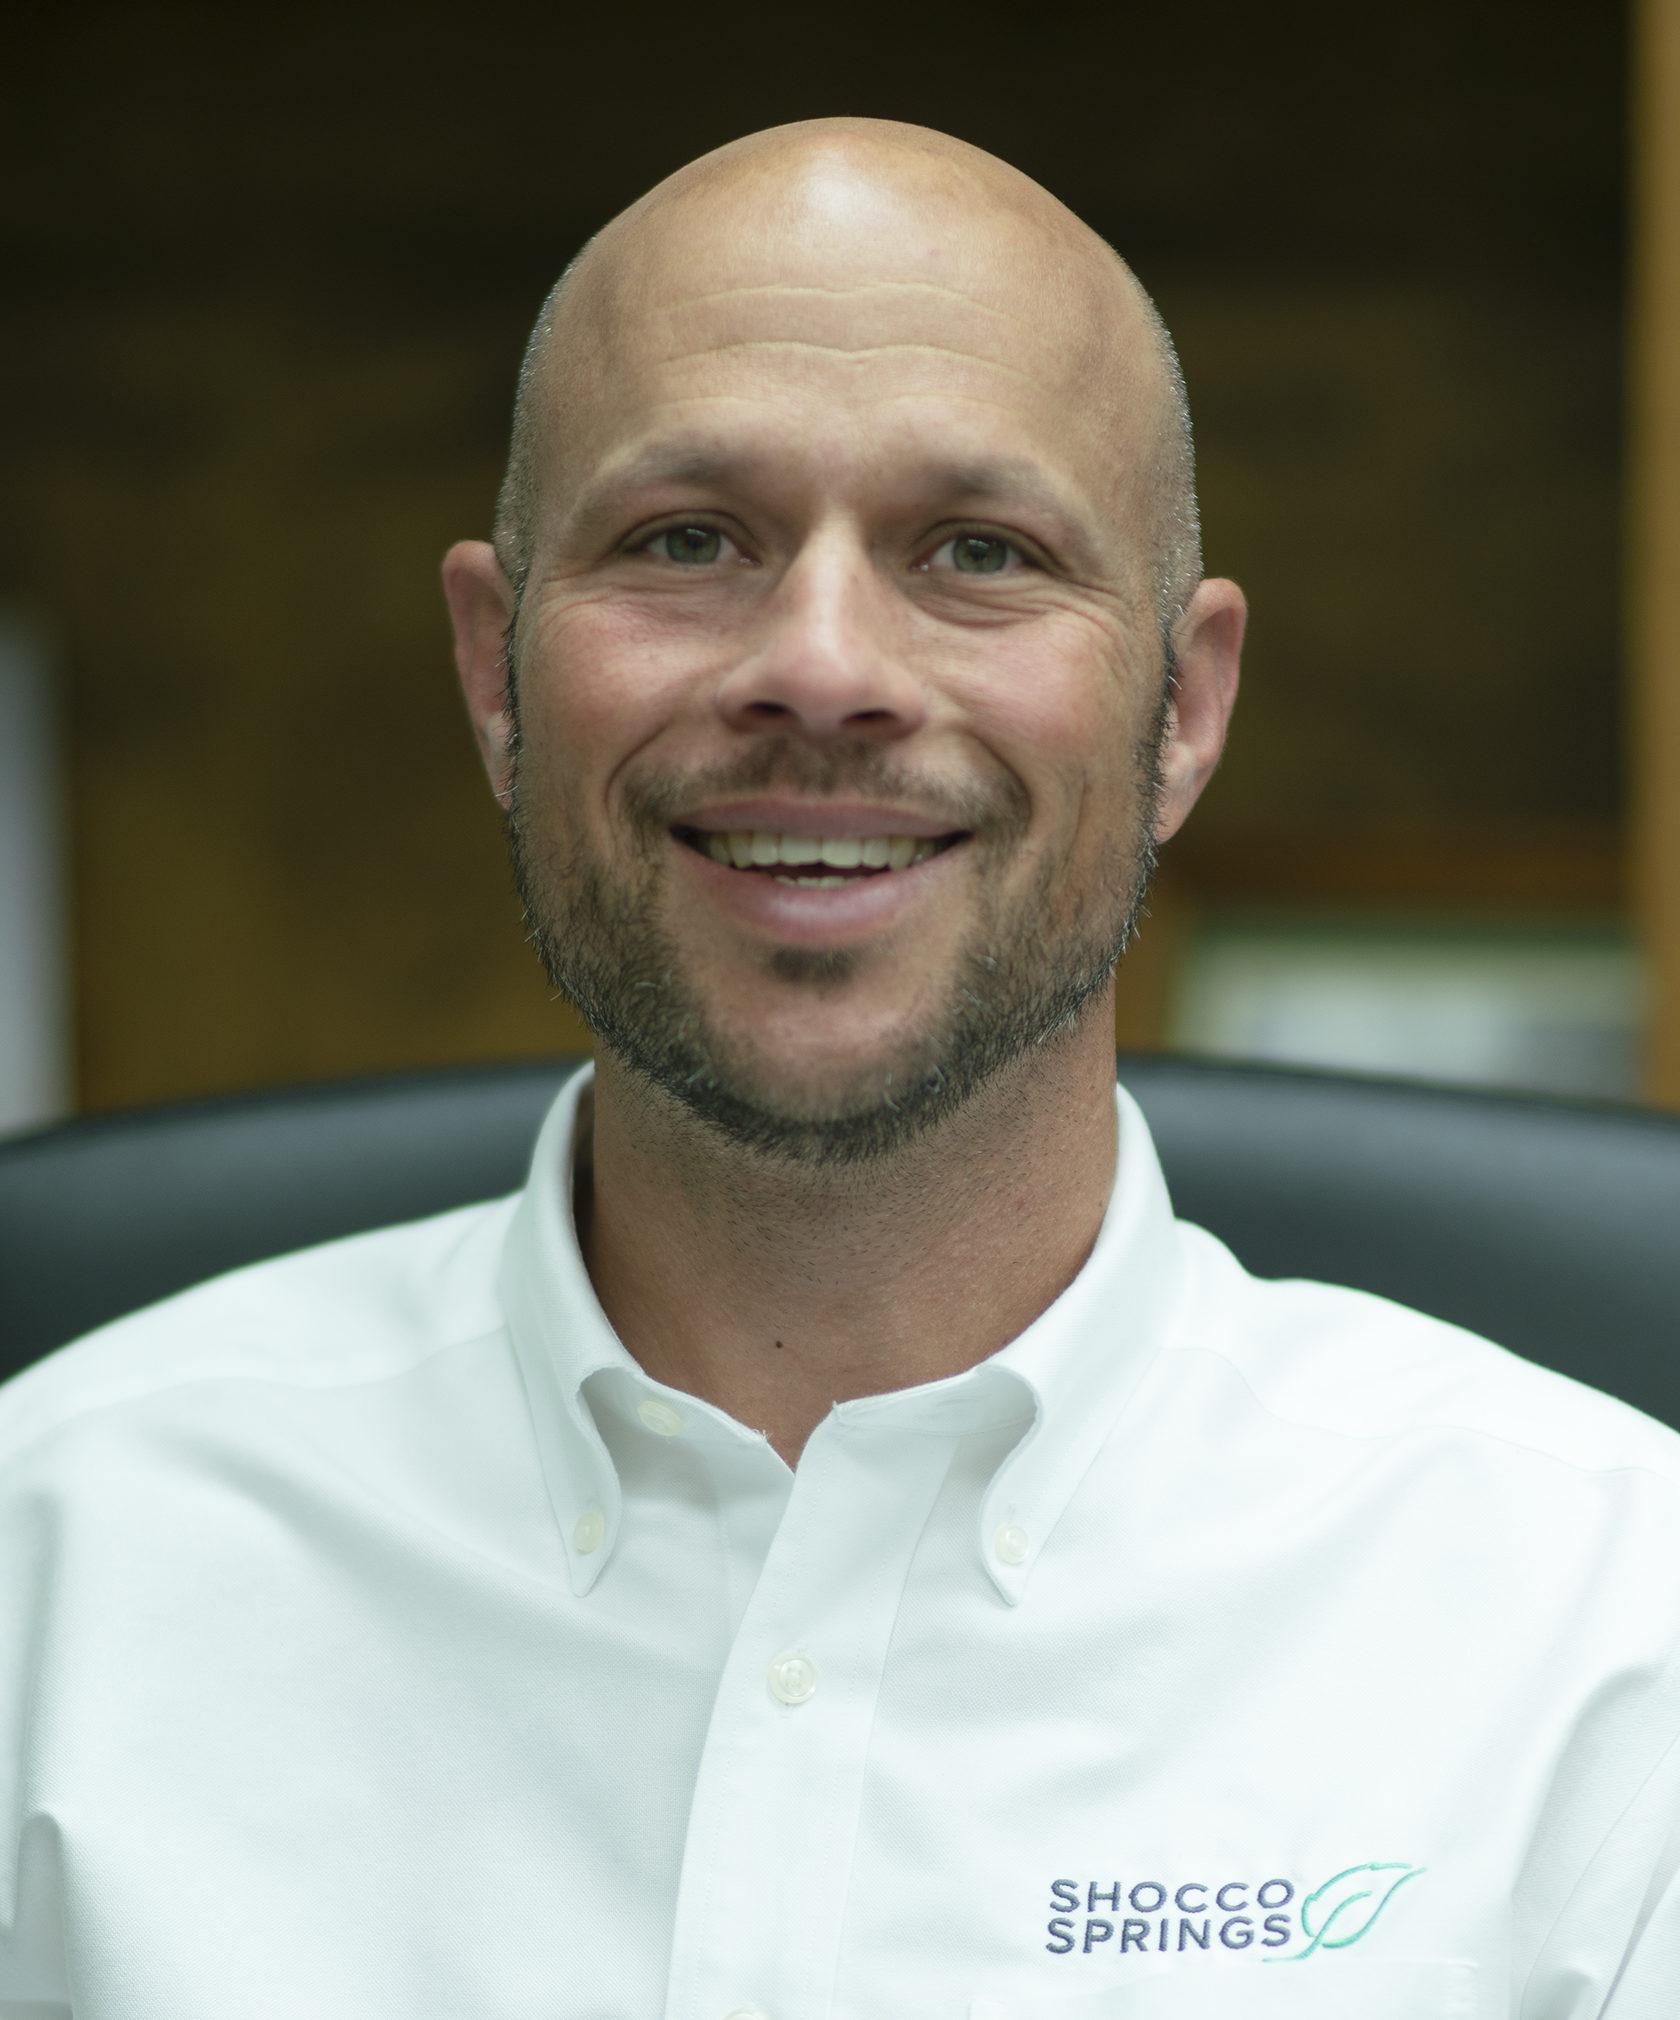 Russell Klinner